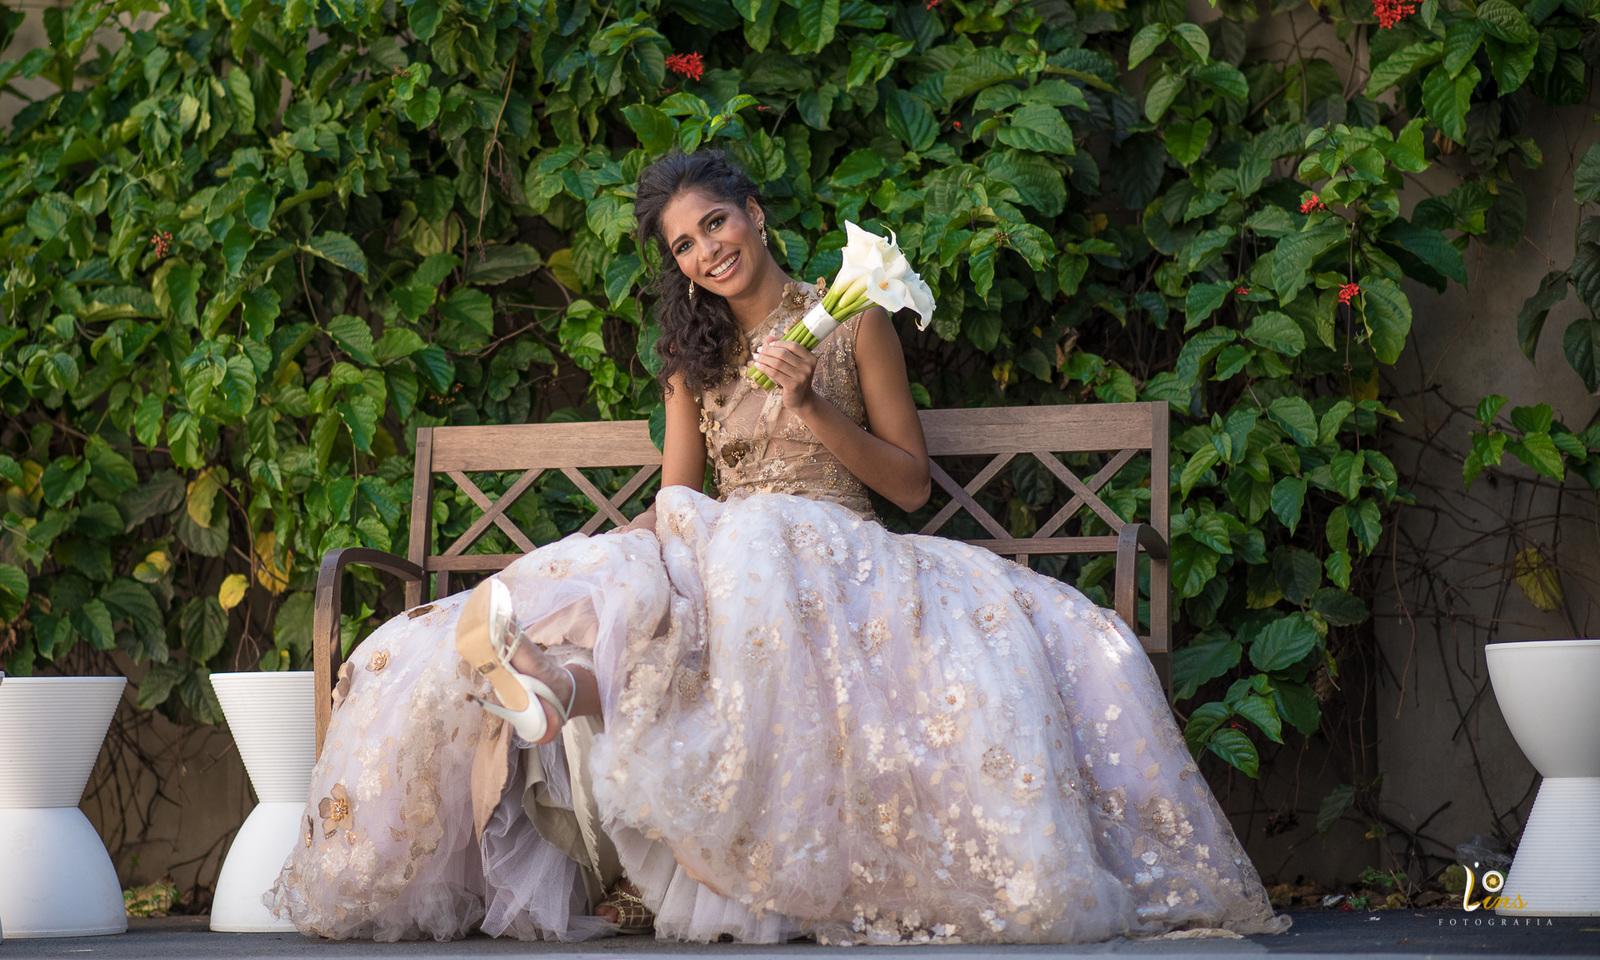 Making Of Noiva de Making Of Noiva - Ingrid Gomes em Salão 1838 - Jardim América - São Paulo - SP